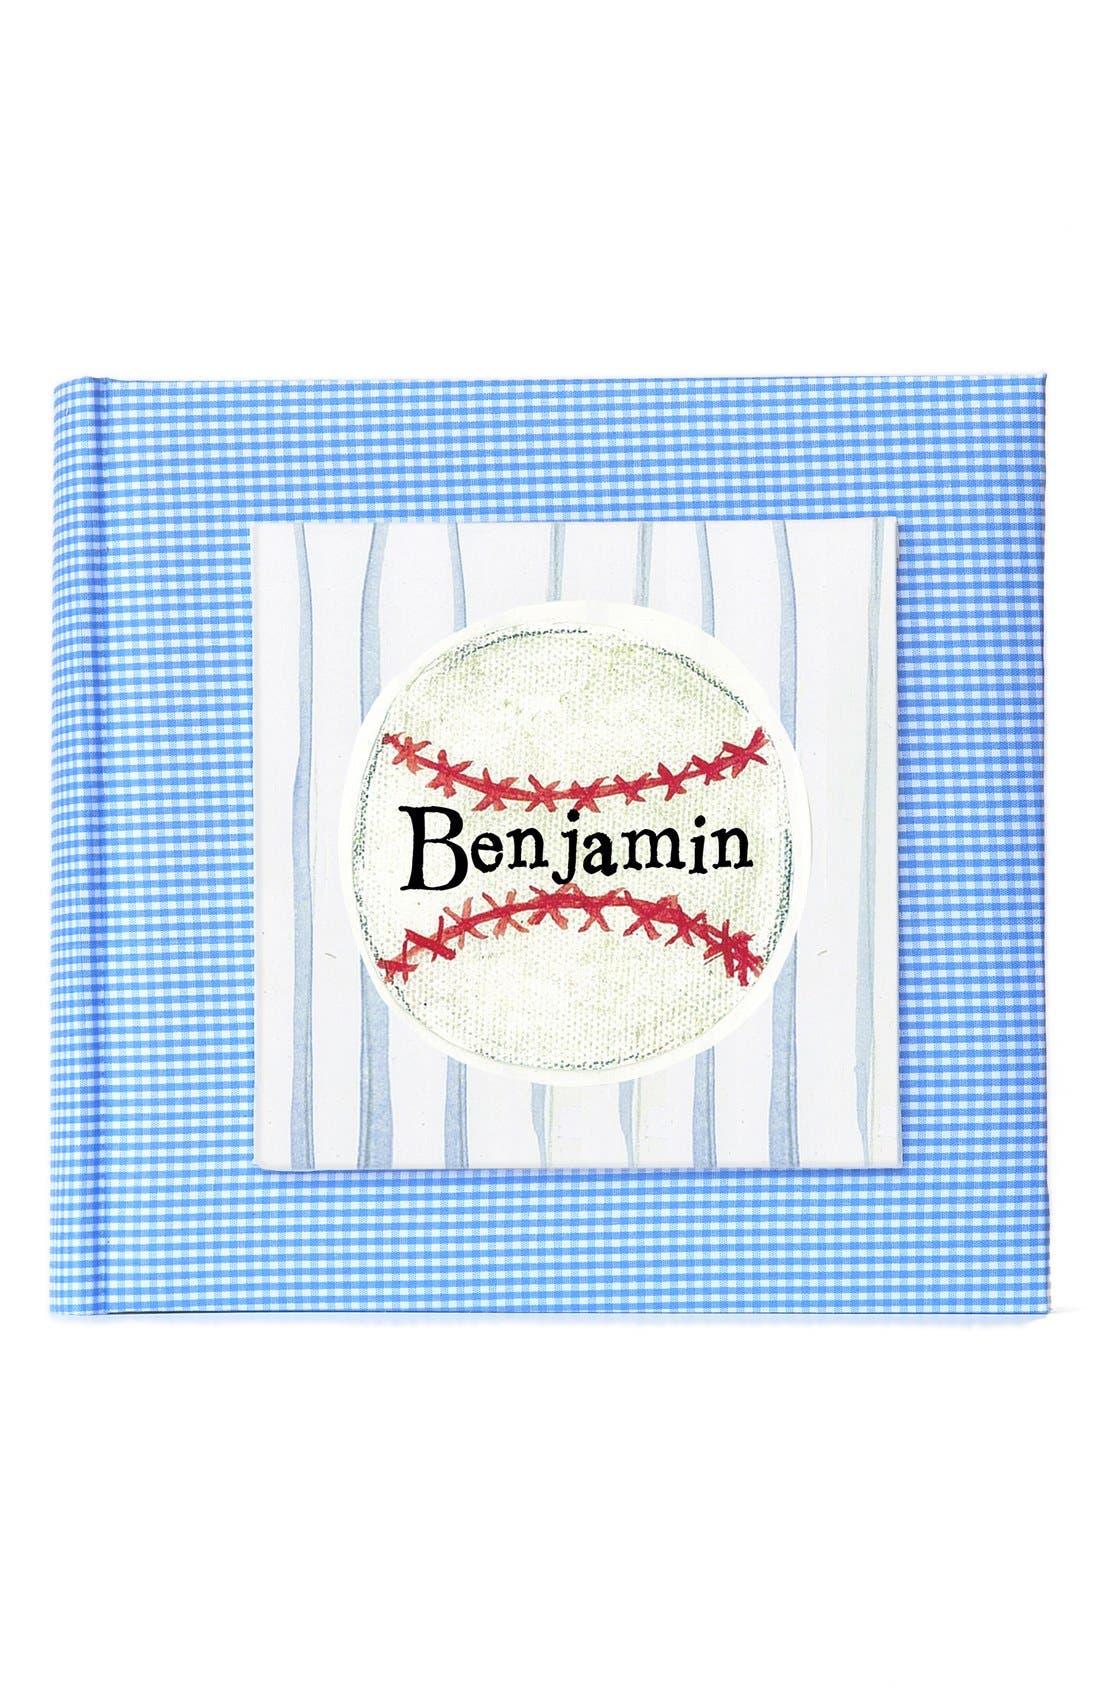 Someday Inc. 'Baseball' Personalized Photo Album